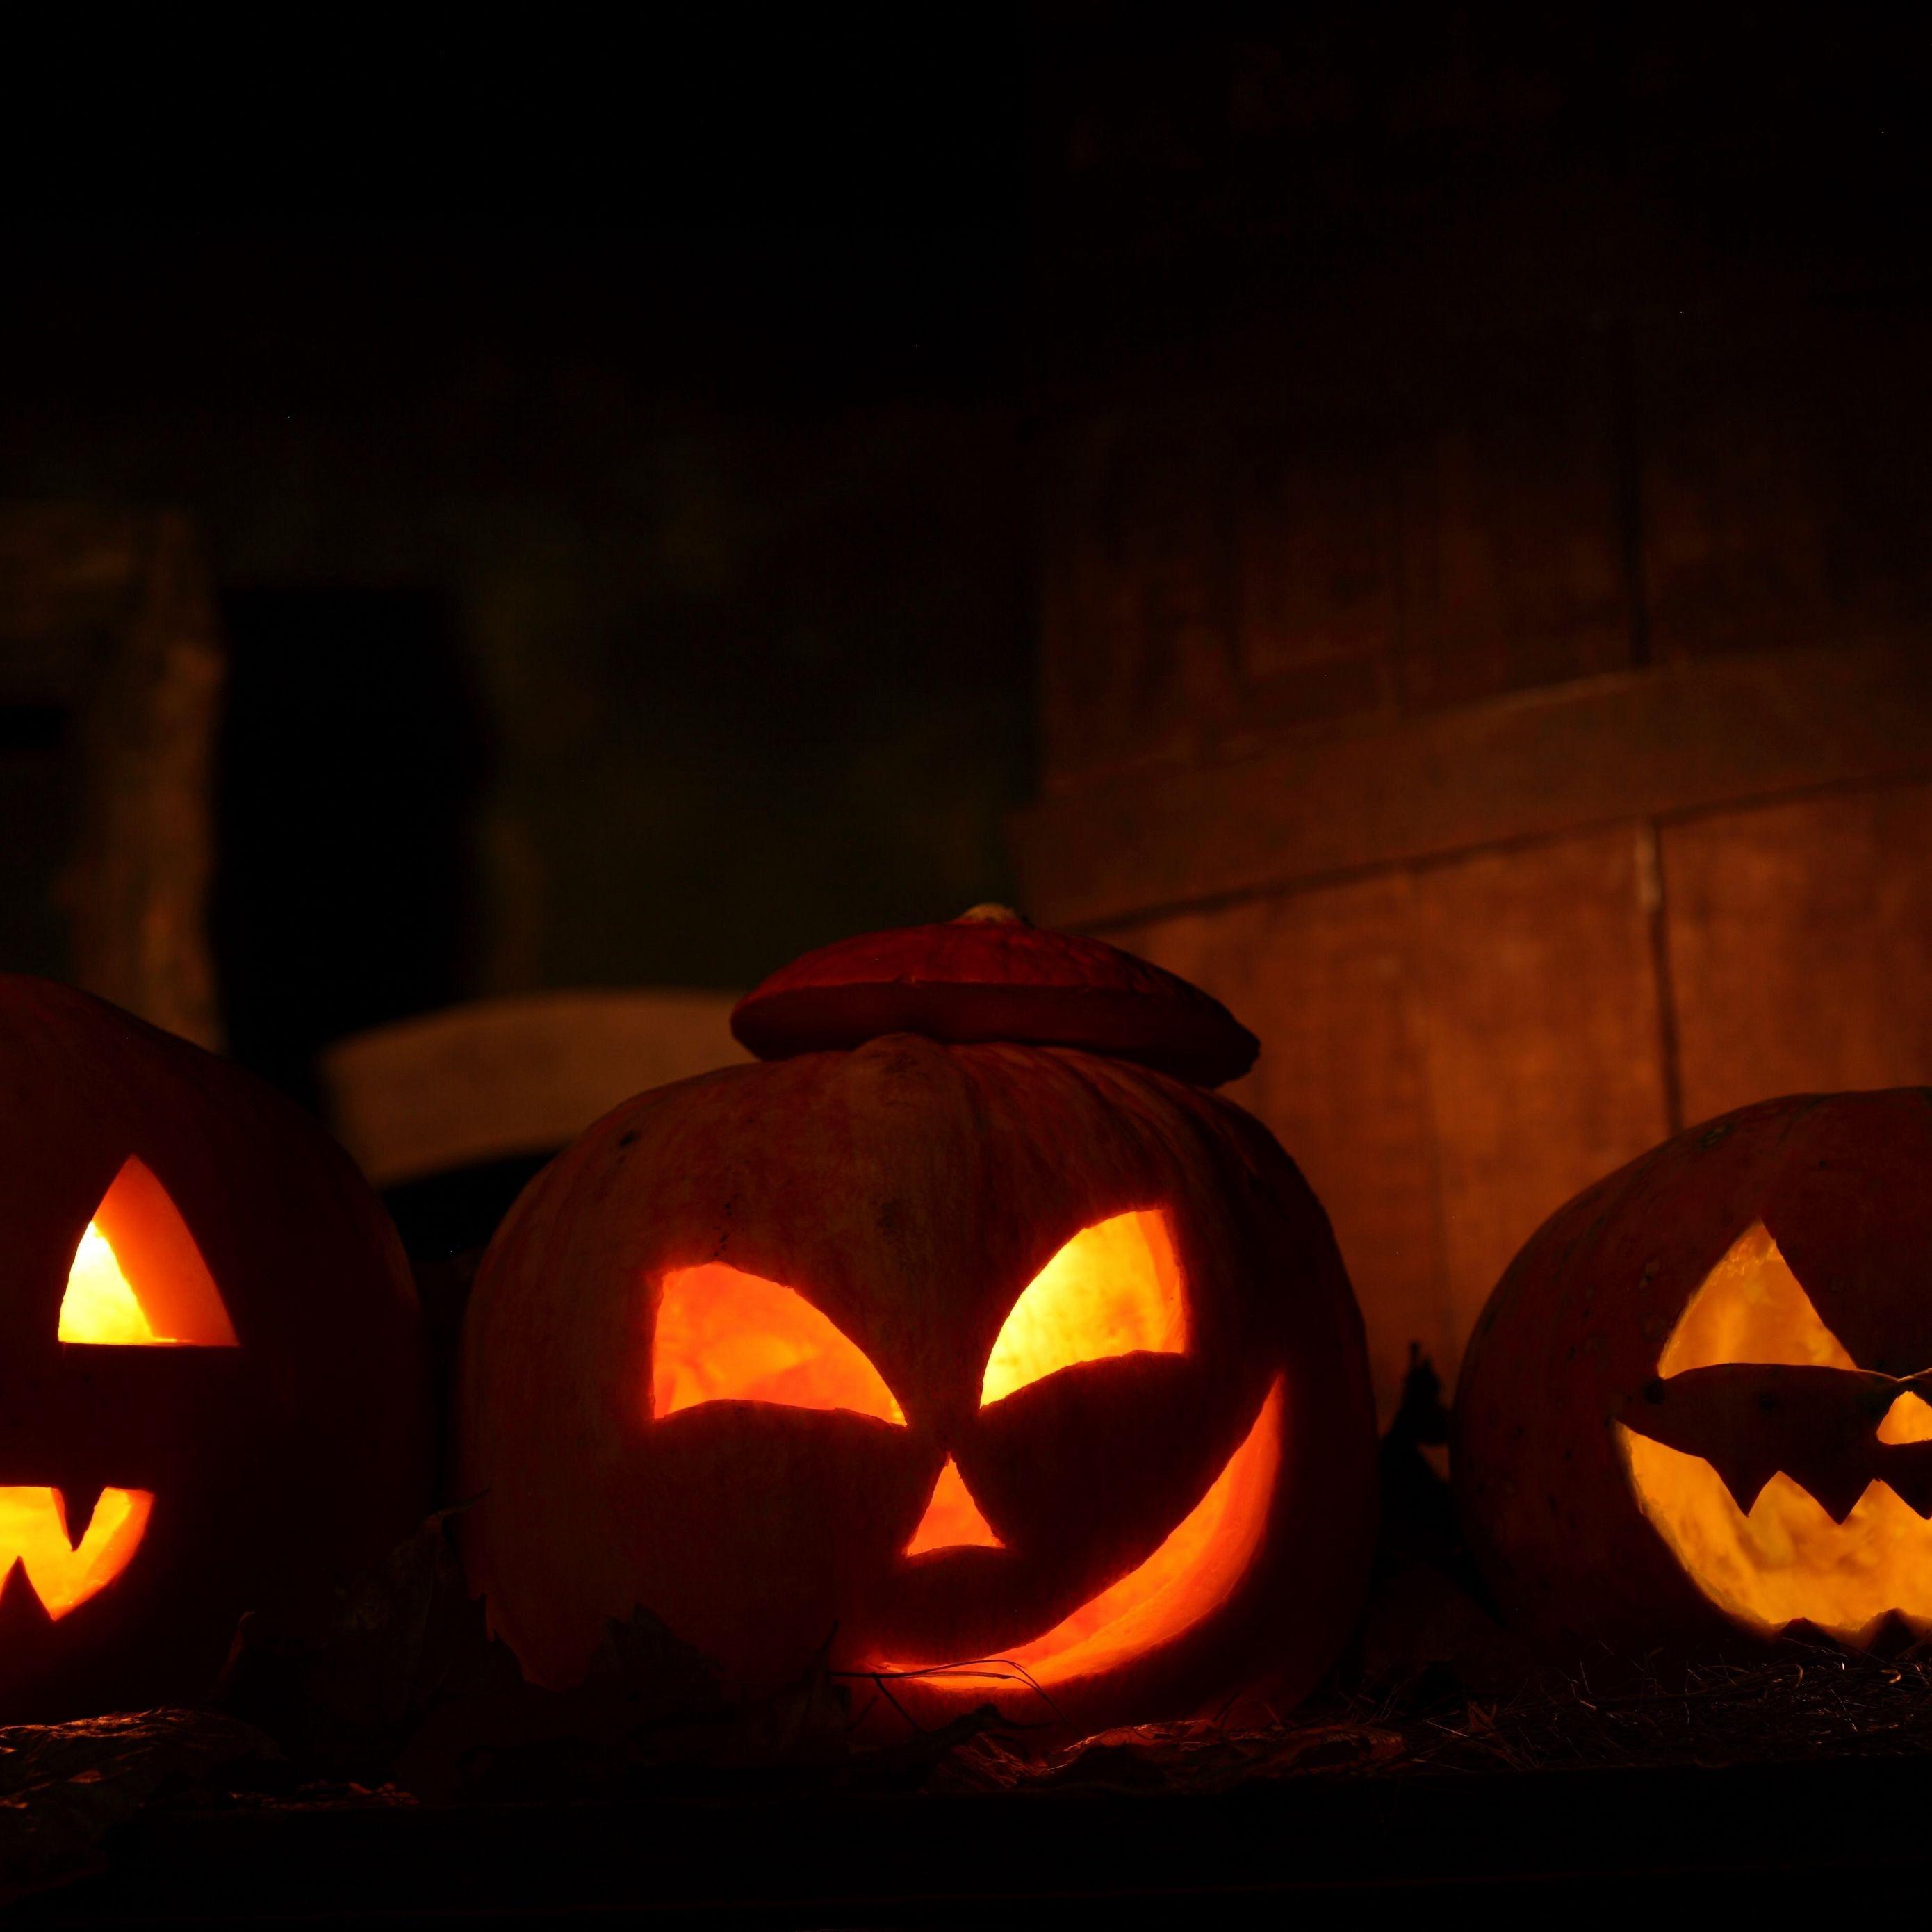 Must see Wallpaper Halloween Ipad Mini - halloween_holiday_night_pumpkin_three_63754_2780x2780  Image_628354.jpg